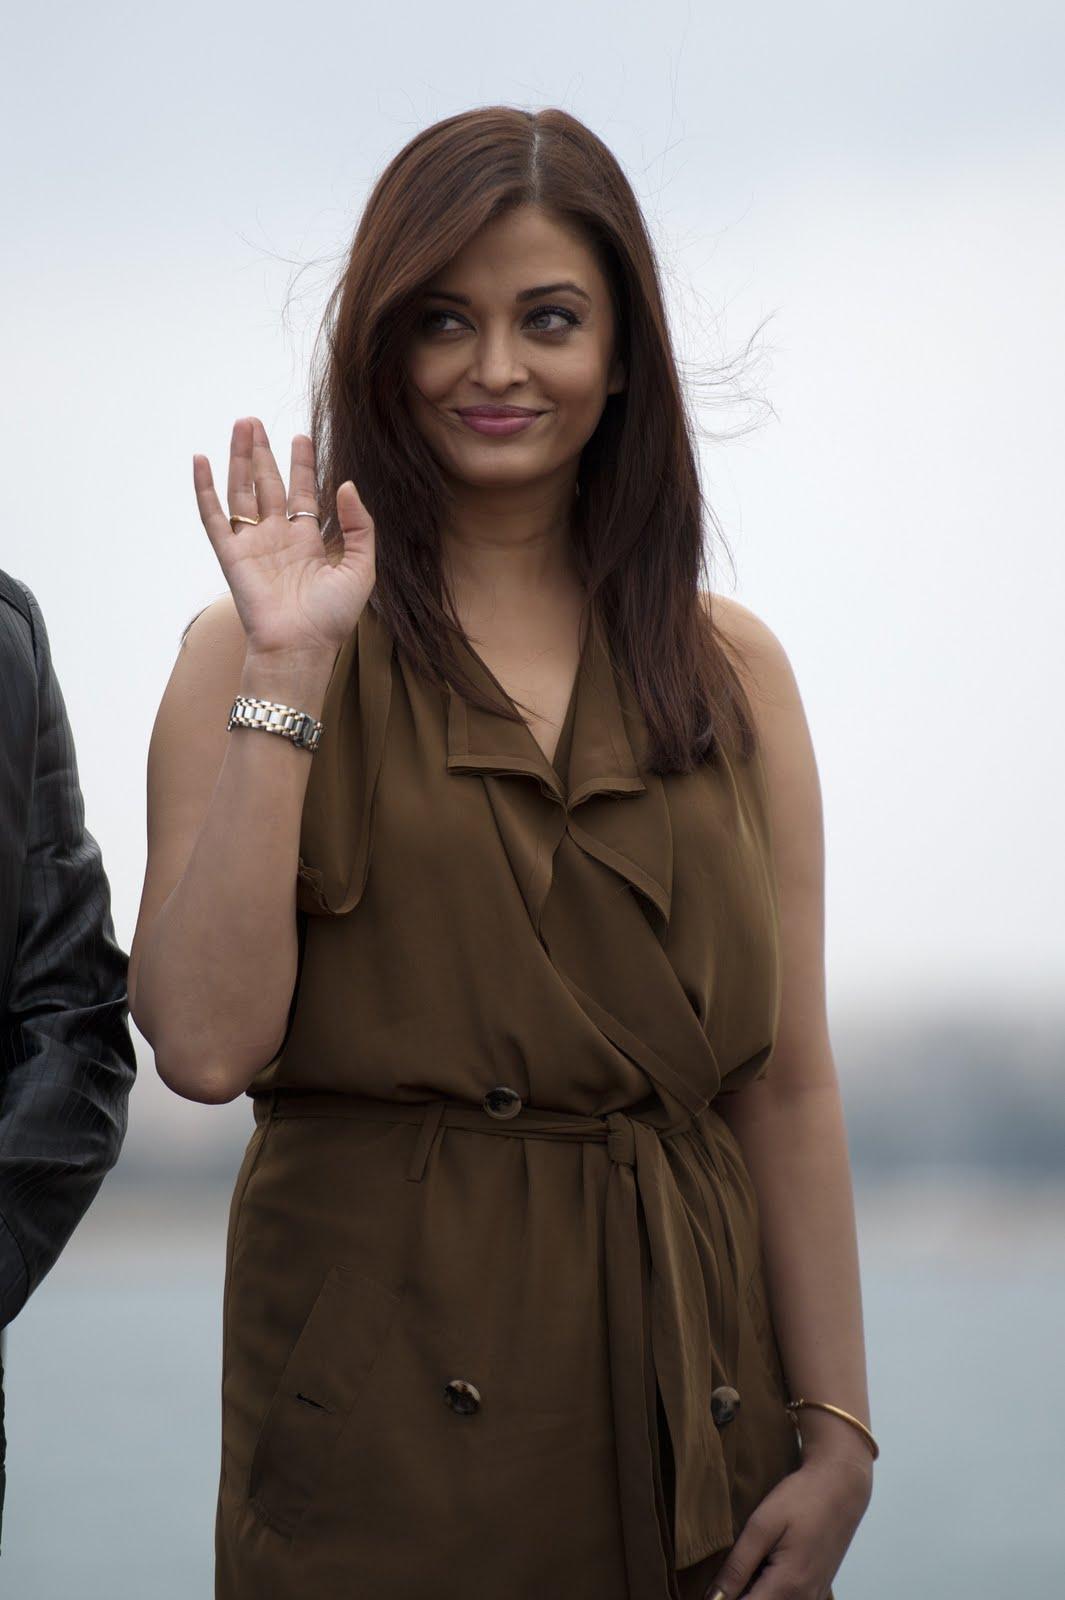 http://2.bp.blogspot.com/-FMXrpzscqrk/Ti3AMb48PVI/AAAAAAAADNM/awtmK5znlZU/s1600/Aishwarya-Heroine+%25288%2529.jpg